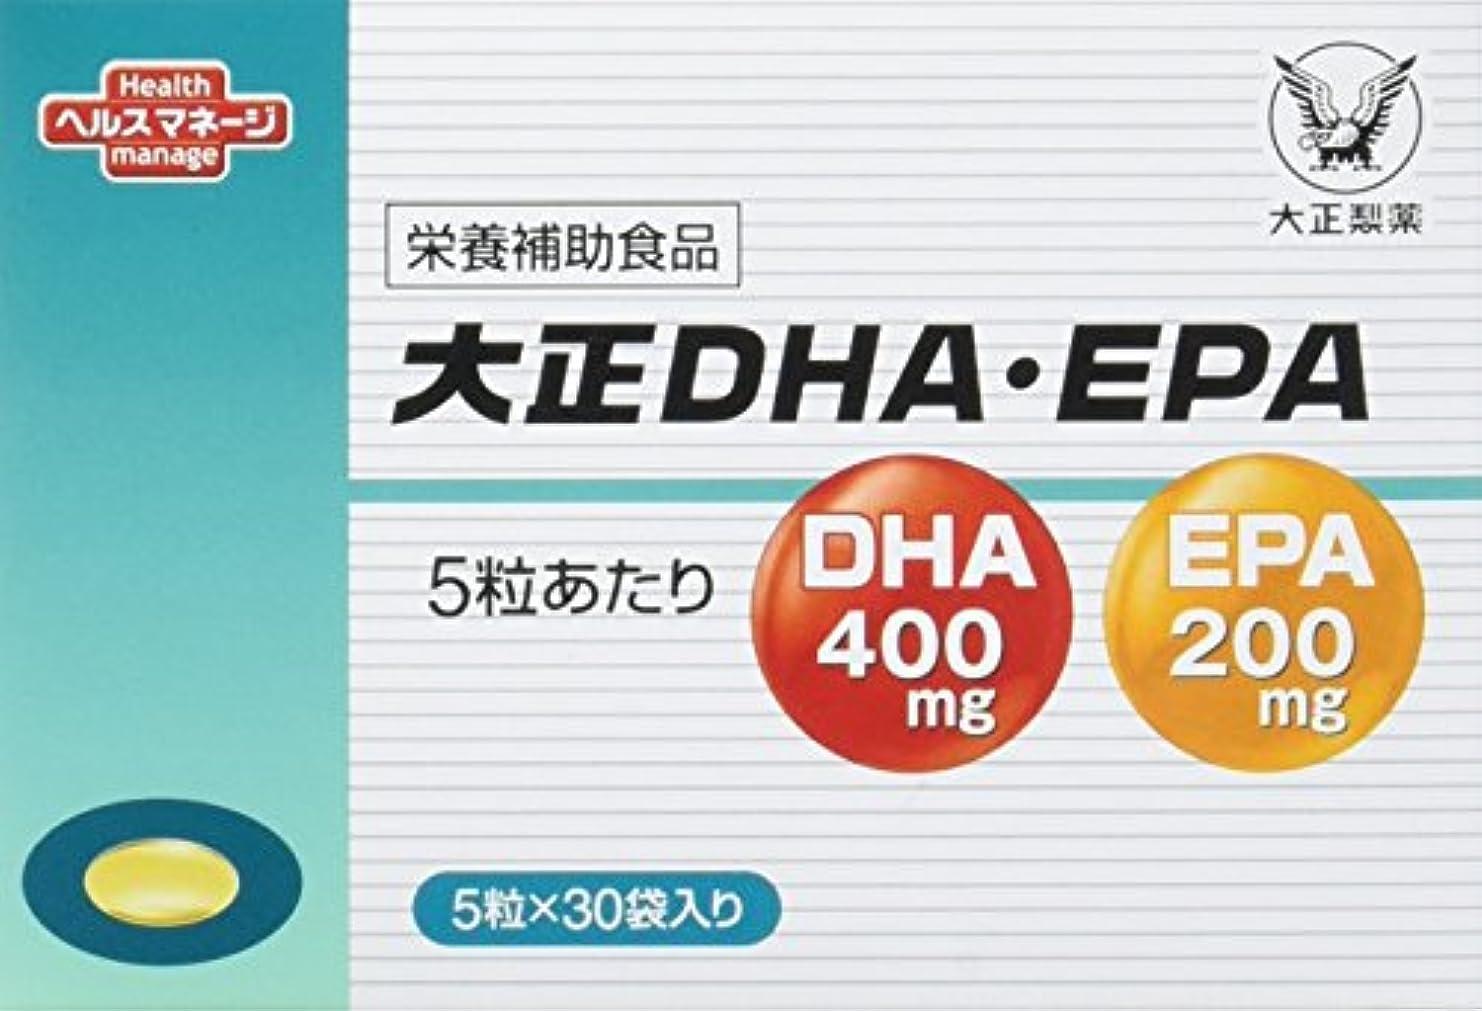 インチペレット好戦的な大正DHA?EPA